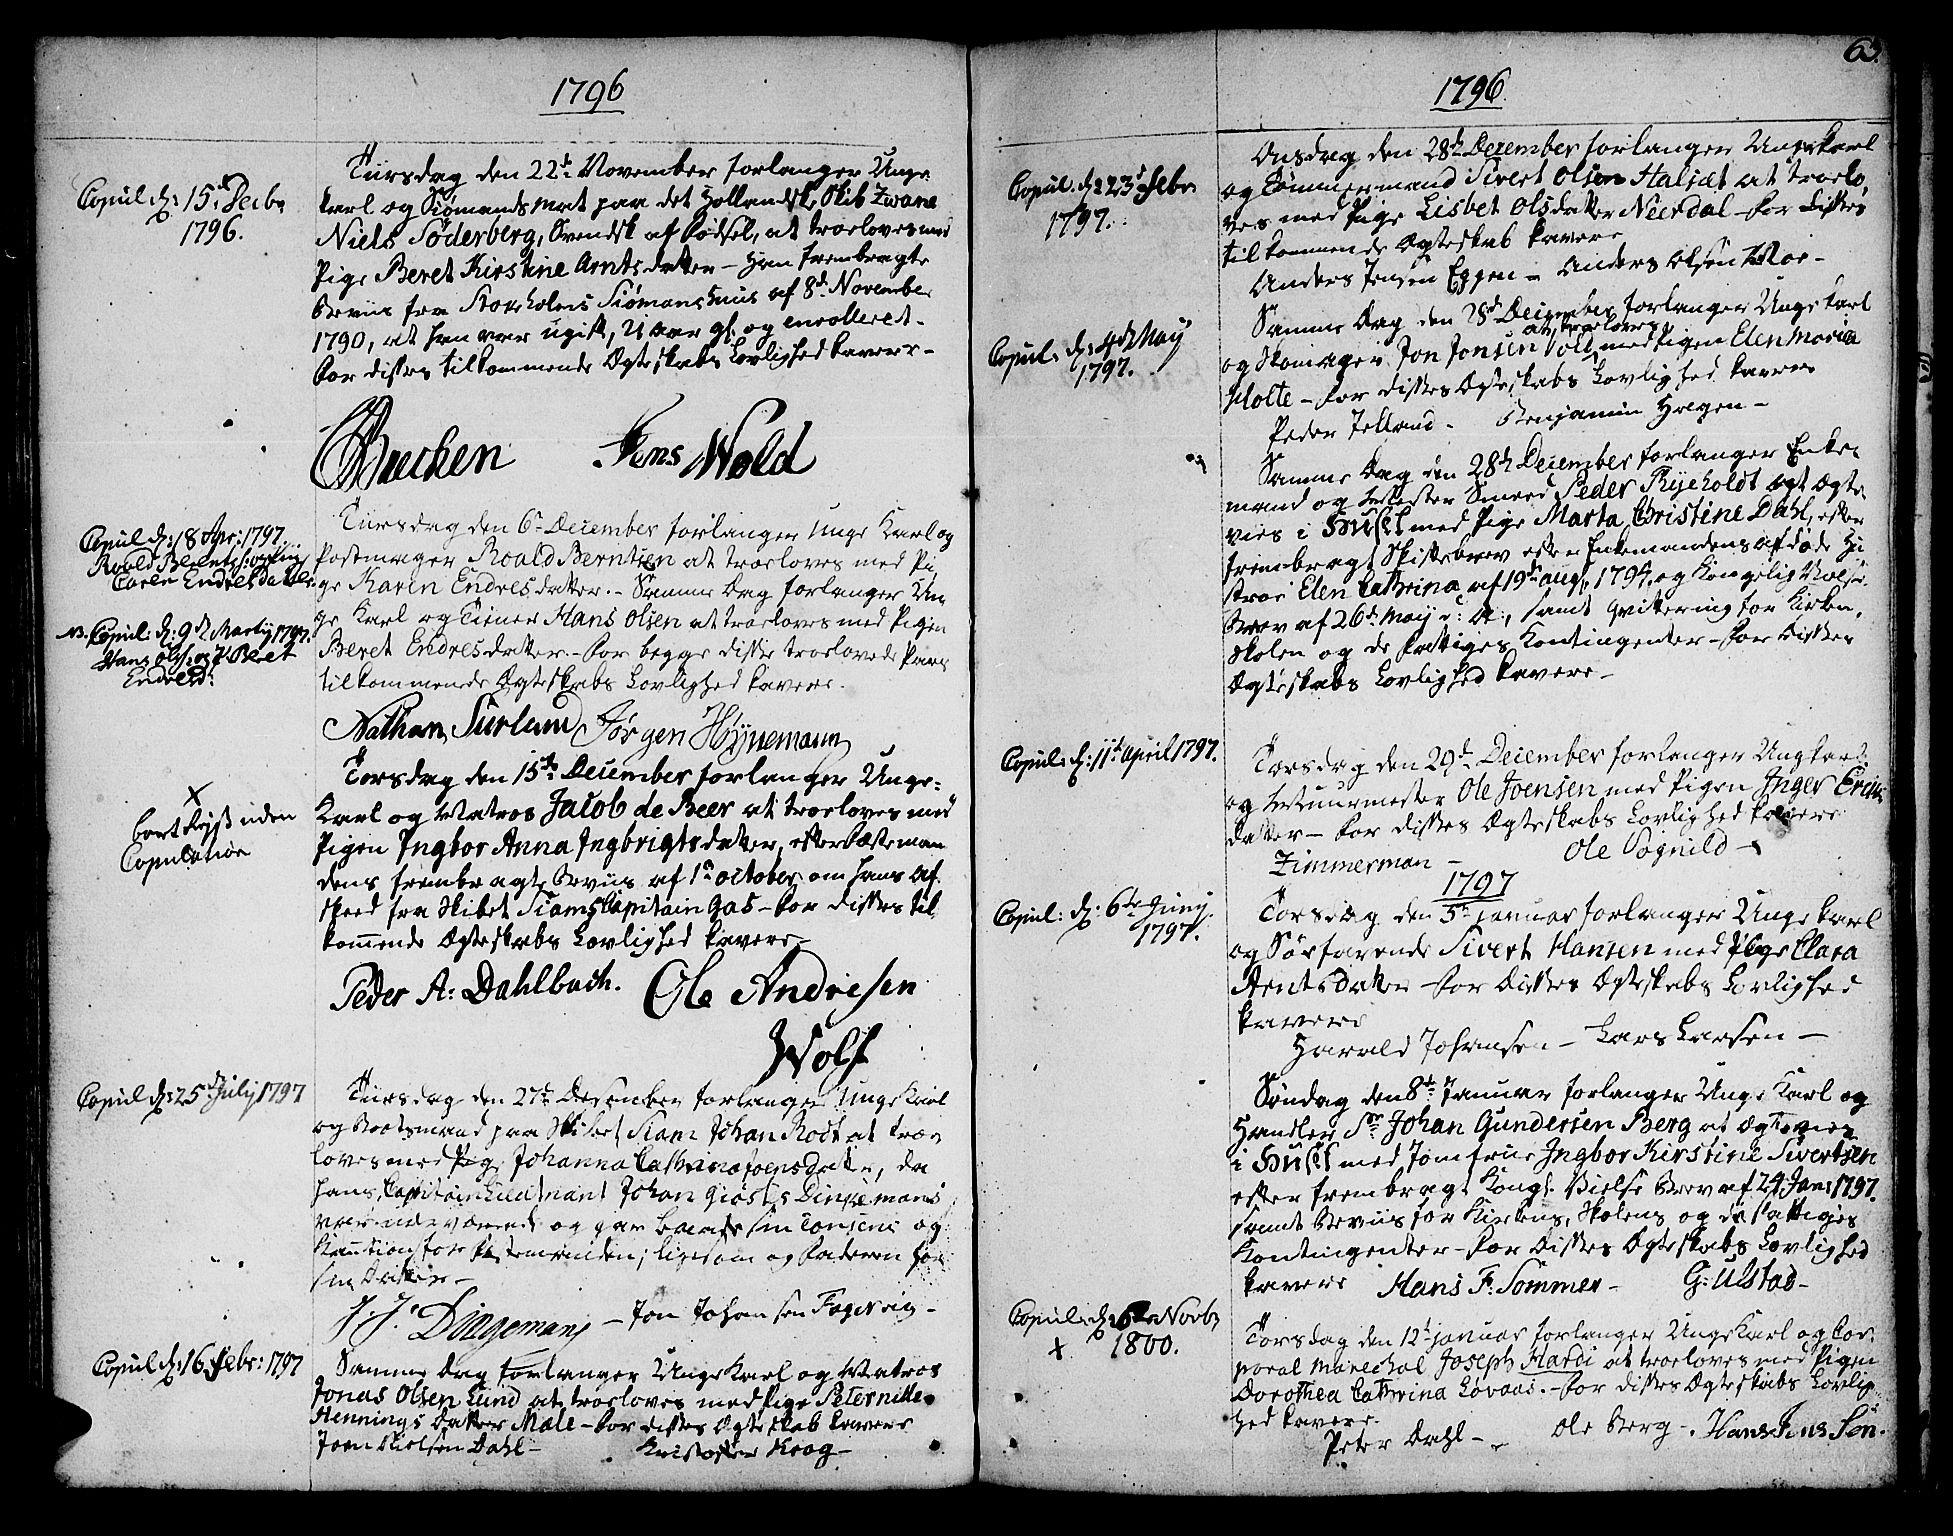 SAT, Ministerialprotokoller, klokkerbøker og fødselsregistre - Sør-Trøndelag, 601/L0041: Ministerialbok nr. 601A09, 1784-1801, s. 63